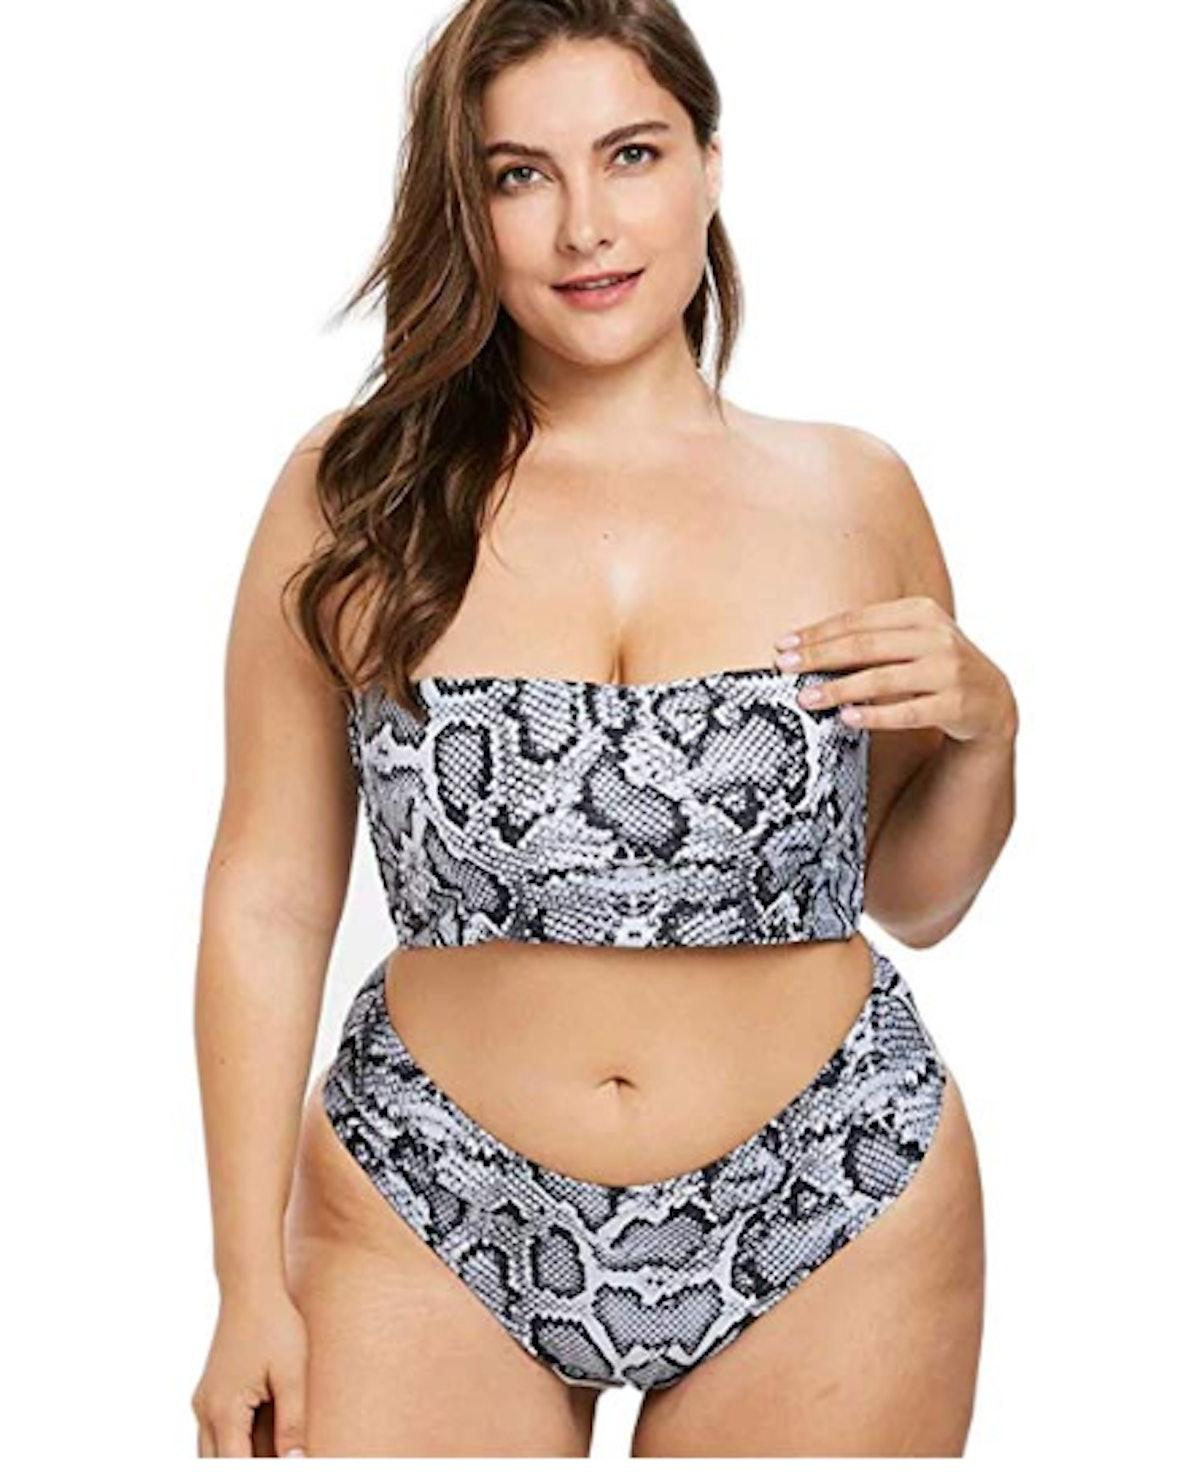 Yii ouneey Women Plus Size Swimwear